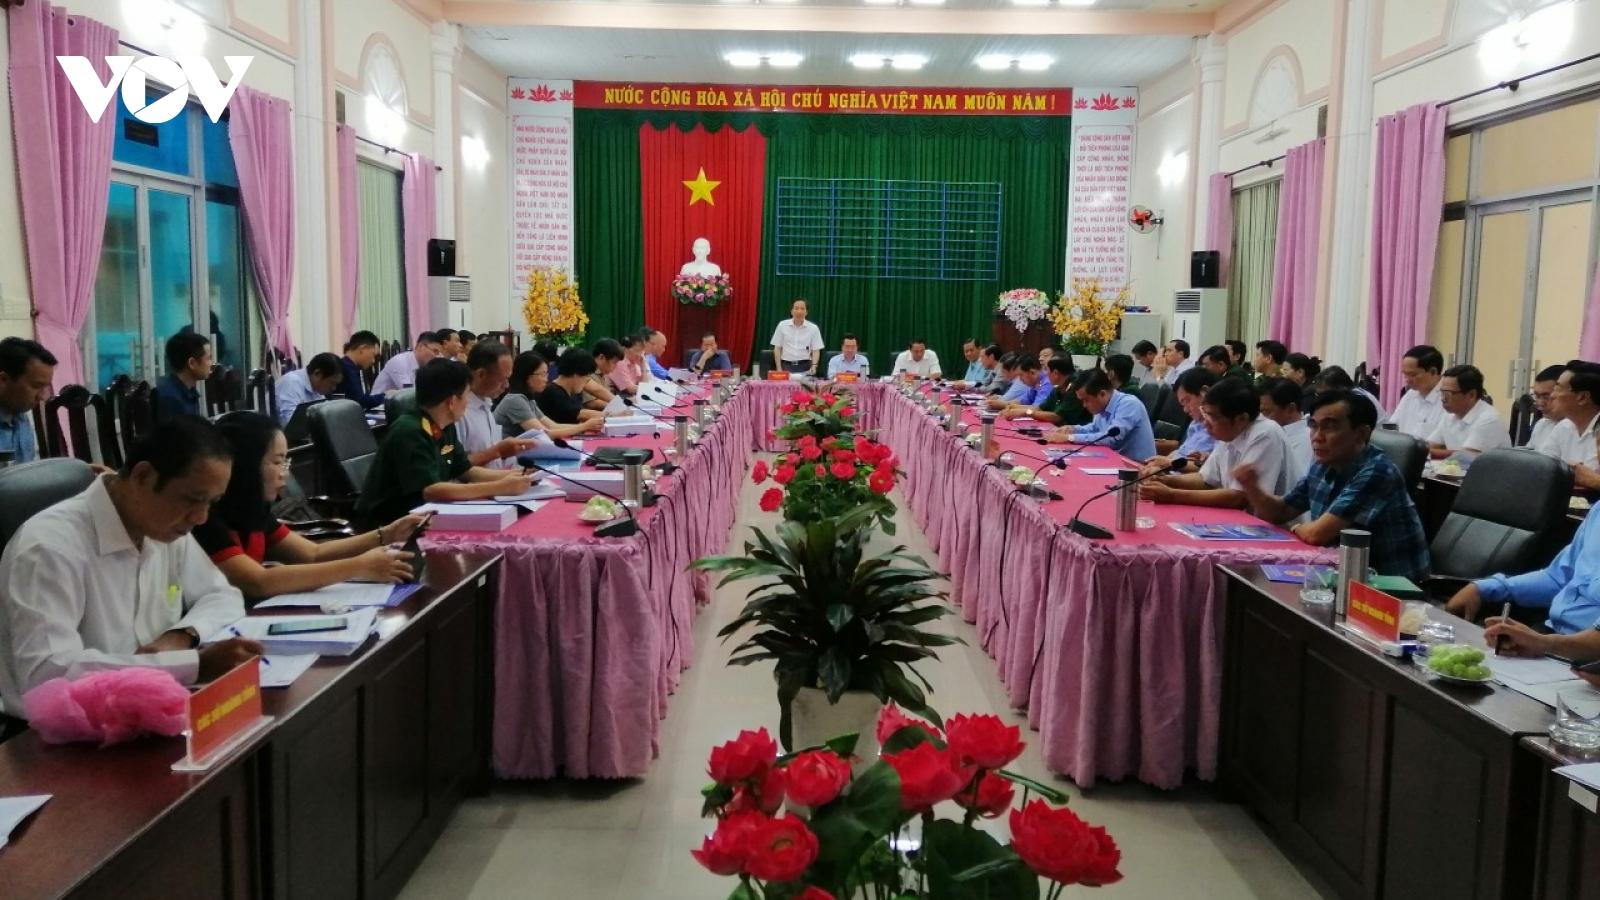 Bộ Nội vụ làm việc tại huyện đảo Phú Quốc về đề án thành lập TP Phú Quốc